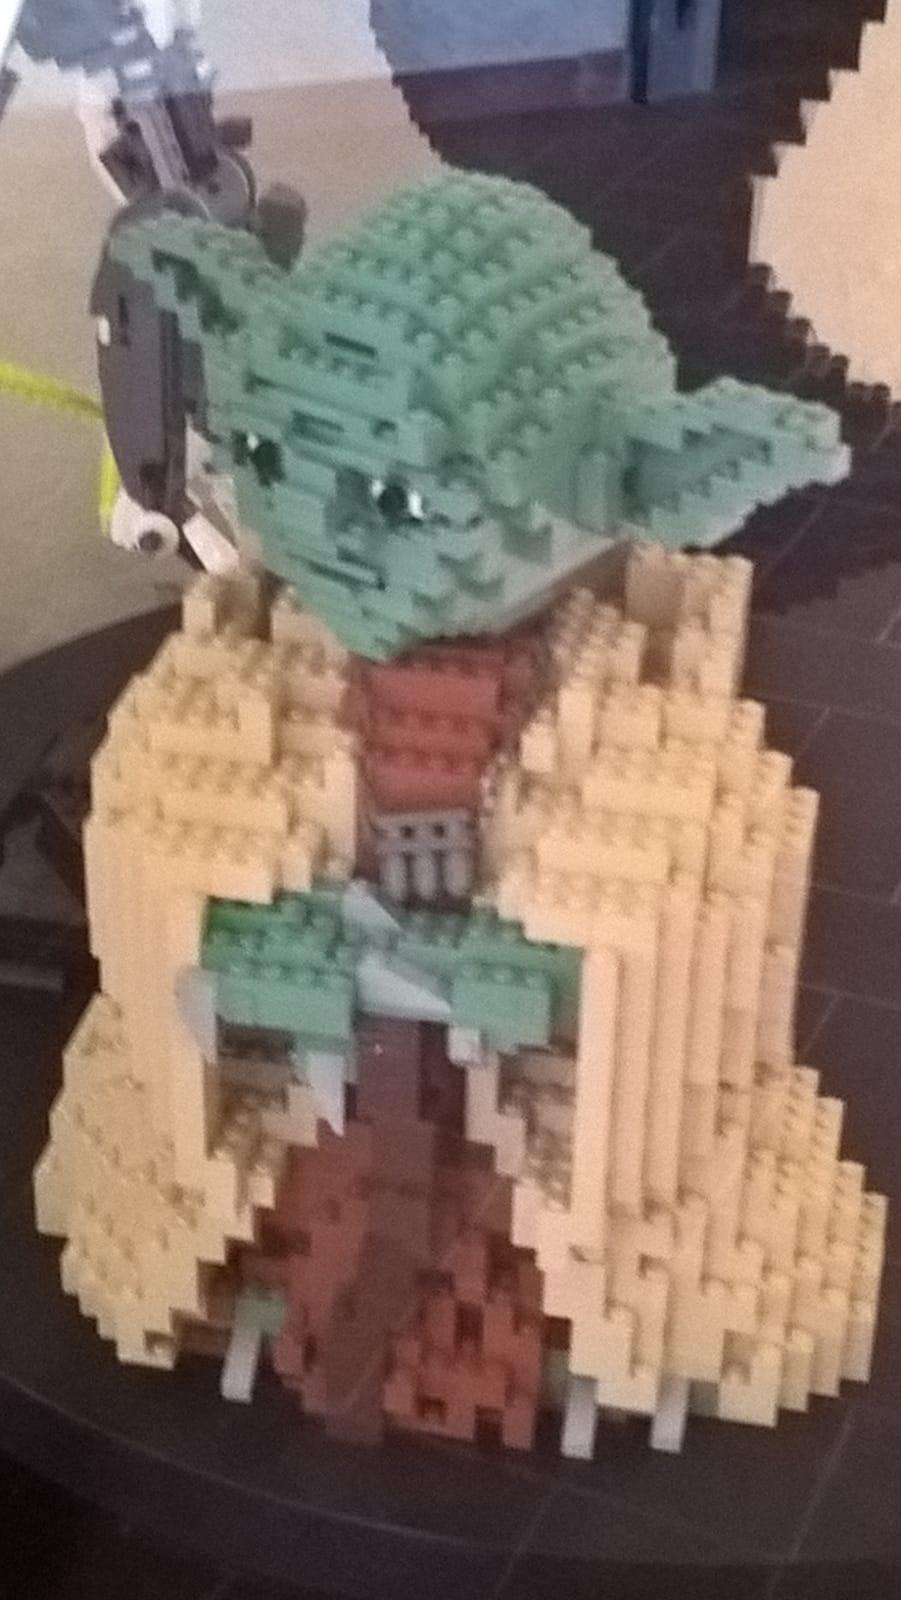 mostra di star wars e lego a monza